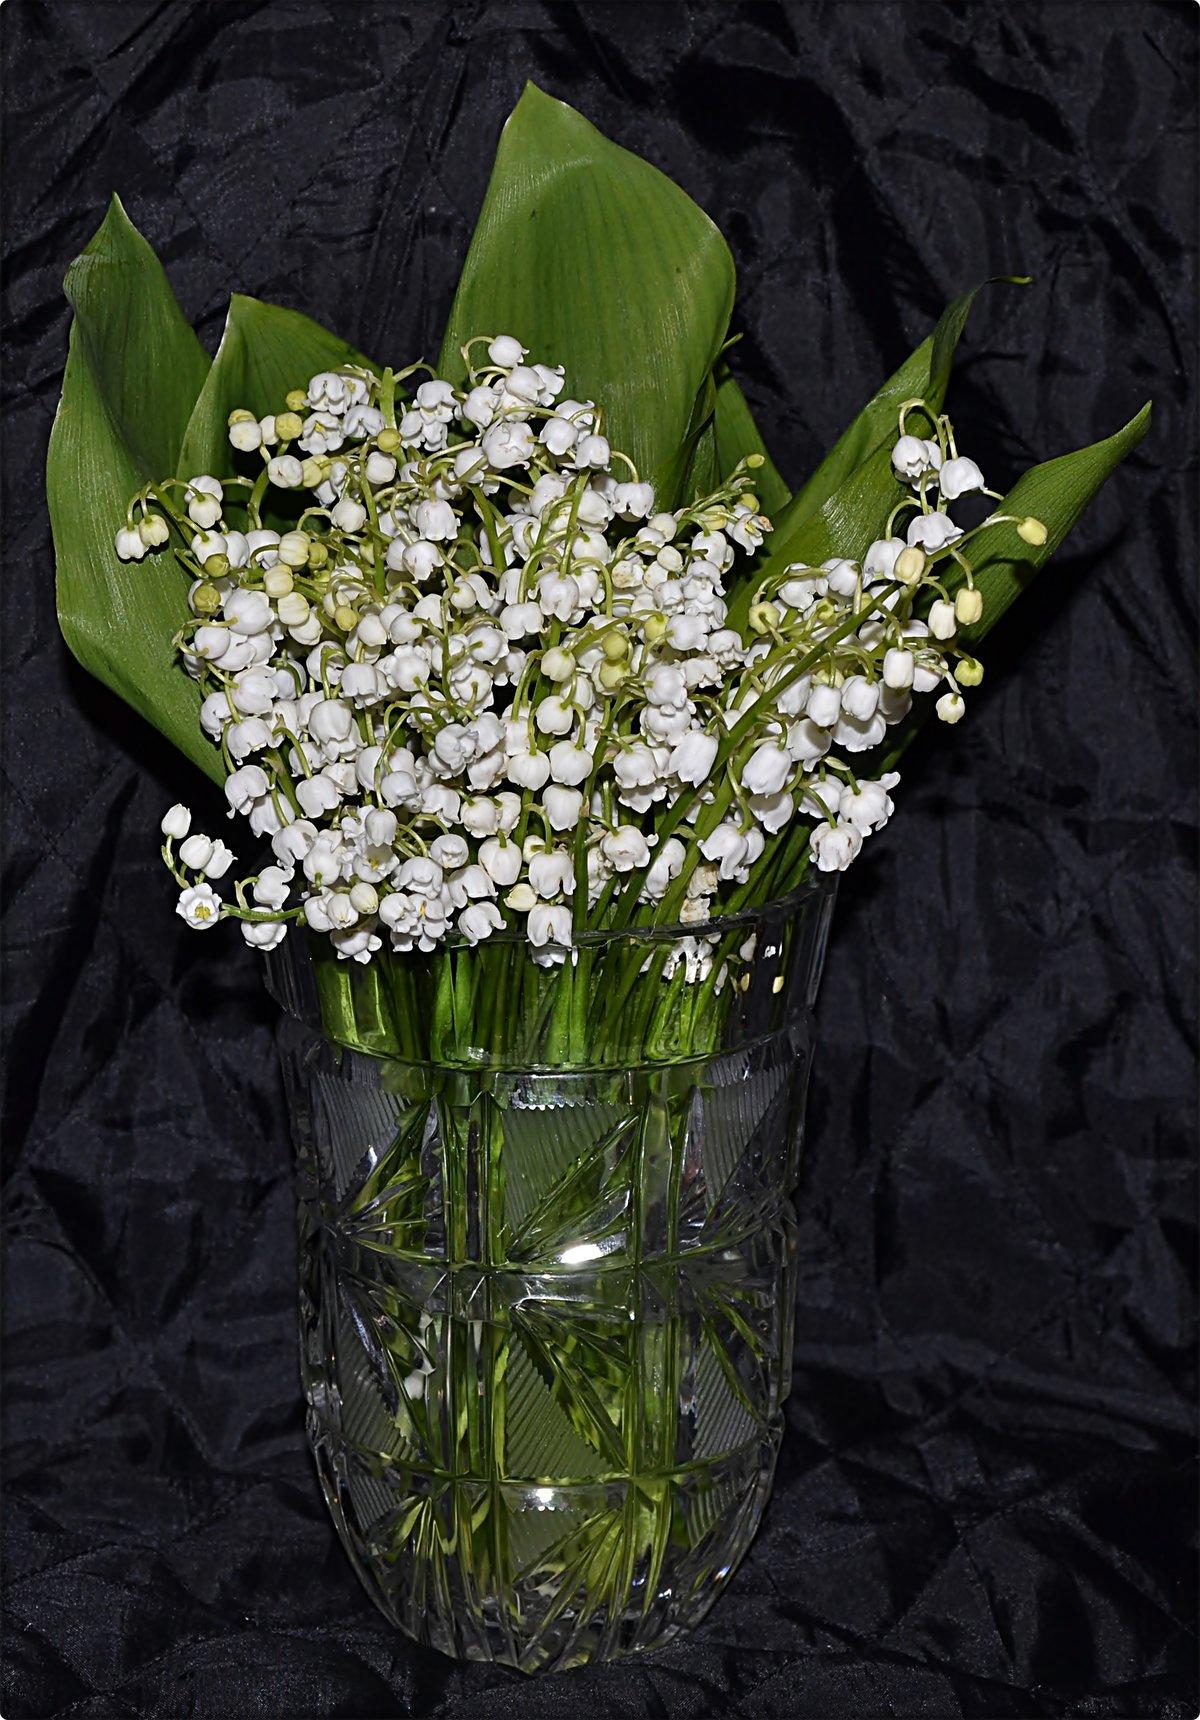 картинка цветы ландыши нарциссы лилии всегда удается разобрать